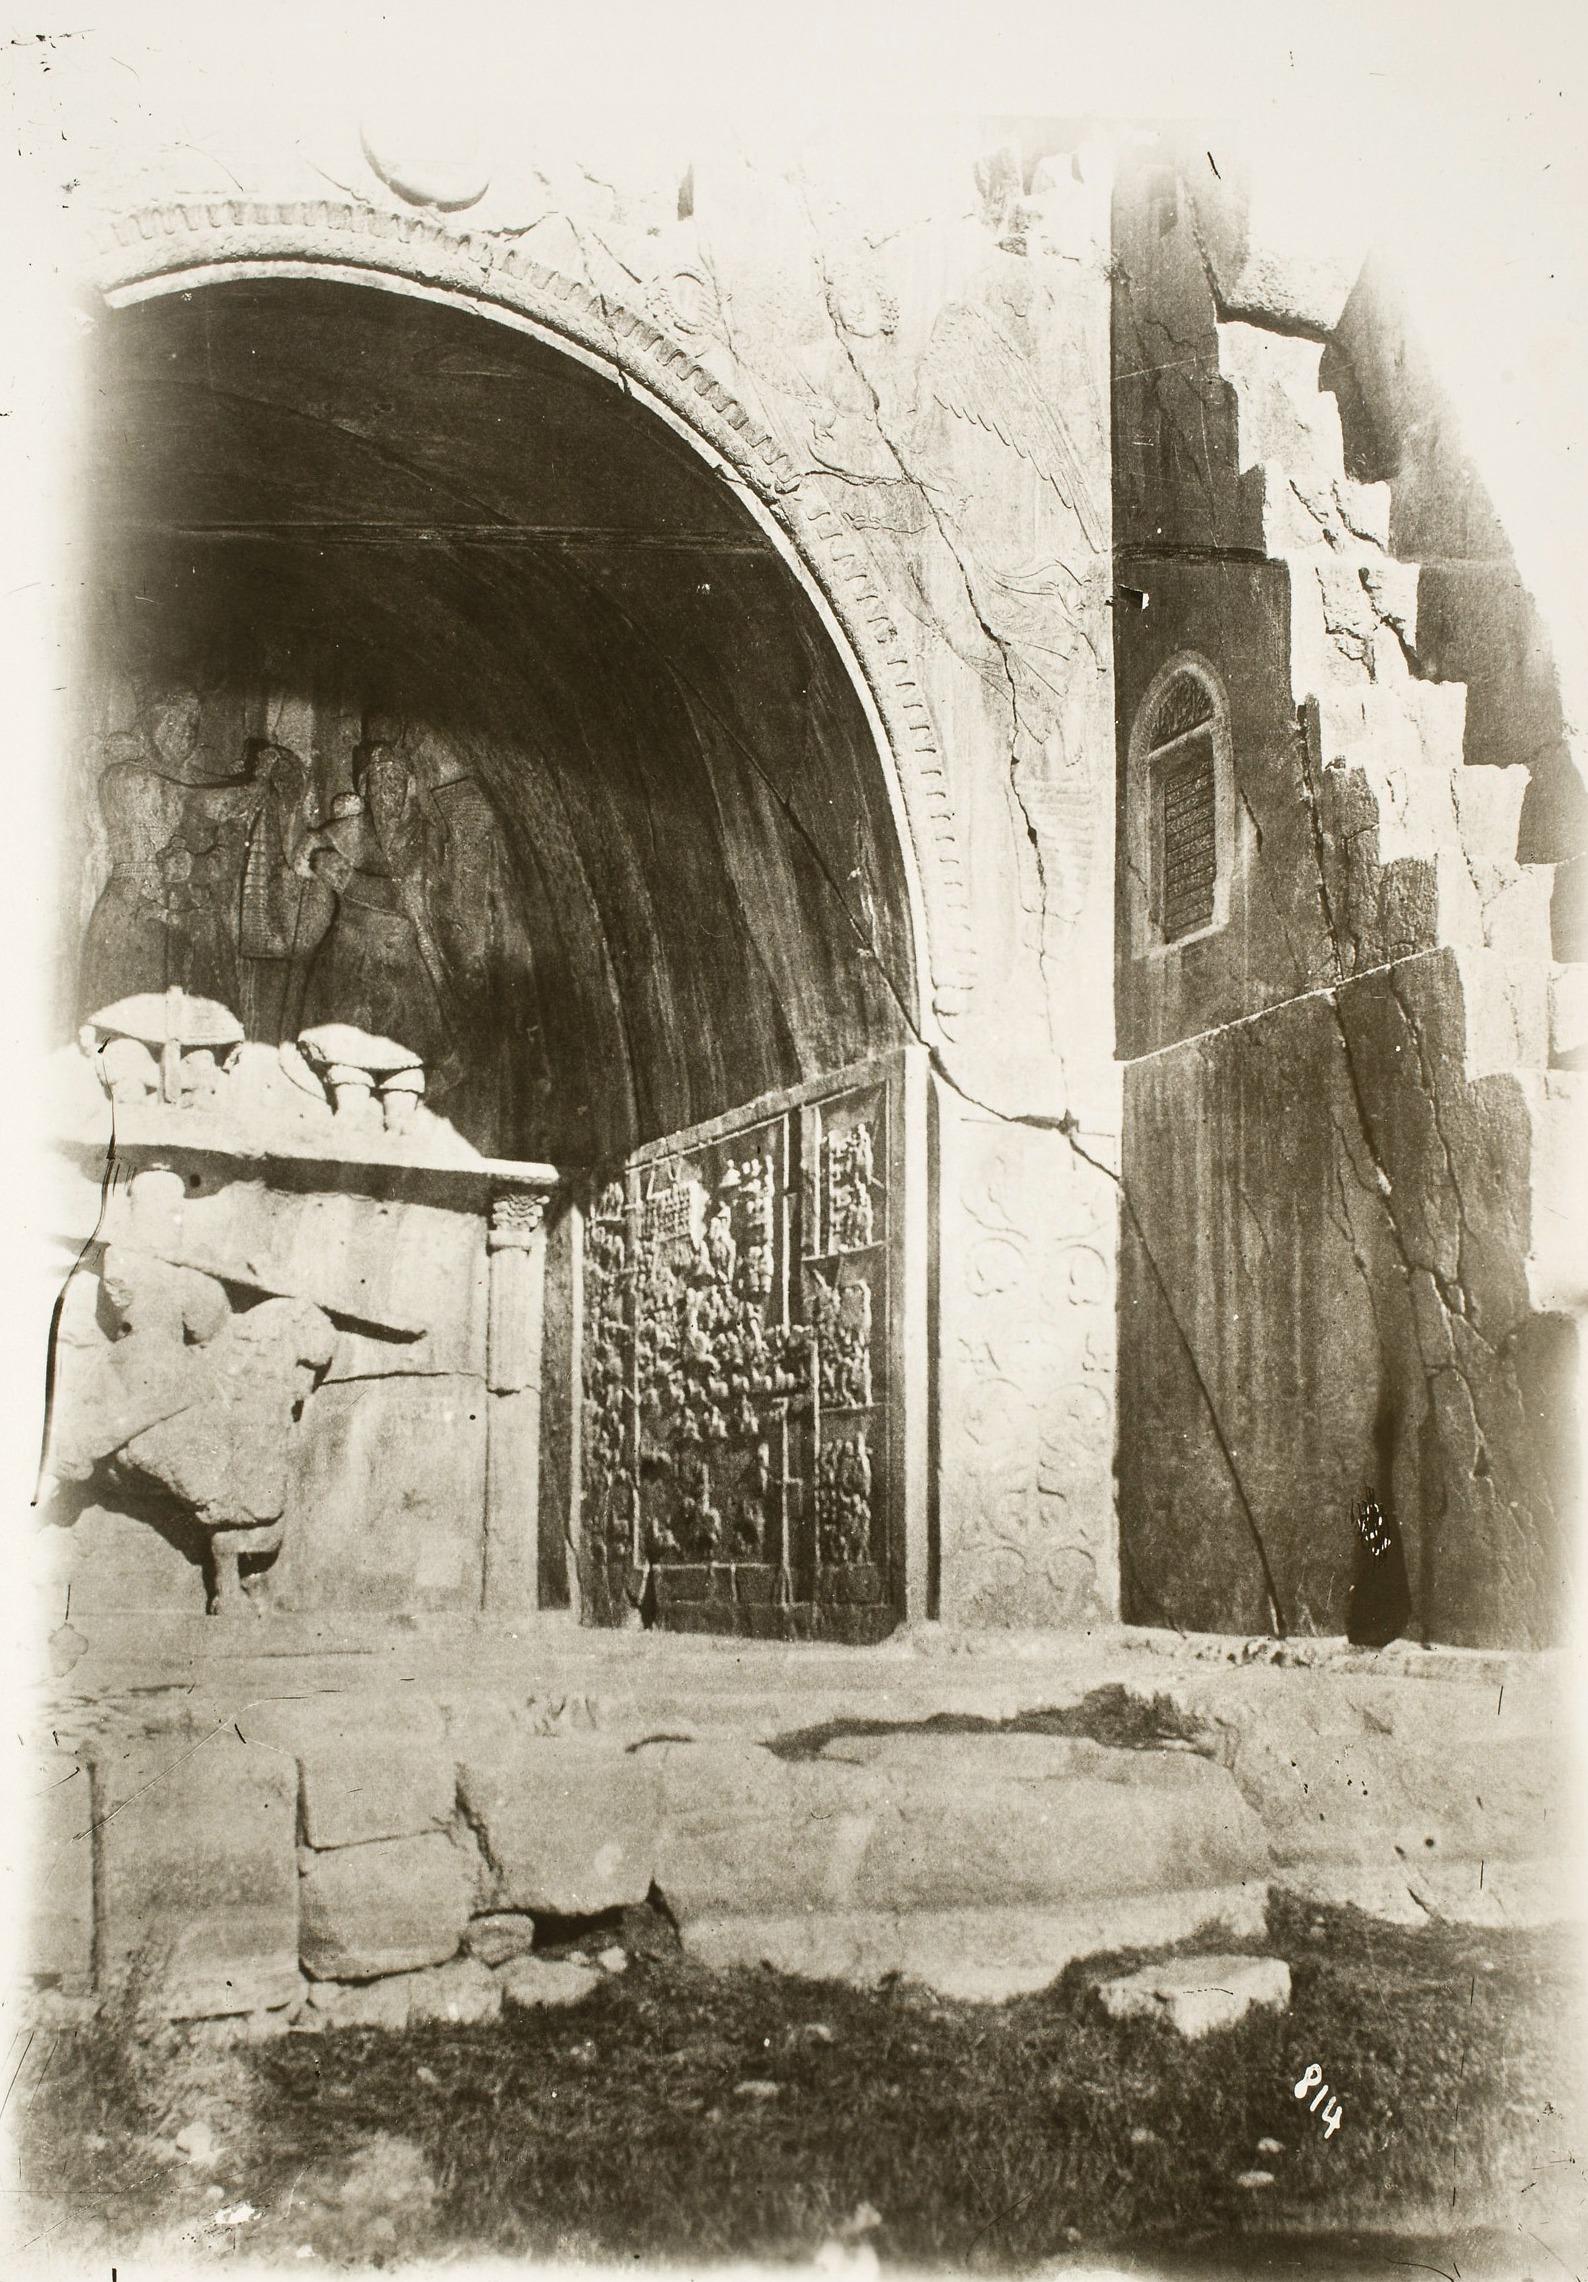 Таге-Бостан. Сасанидские рельефы. Большой грот с рельефом инвеституры  Хосрова II